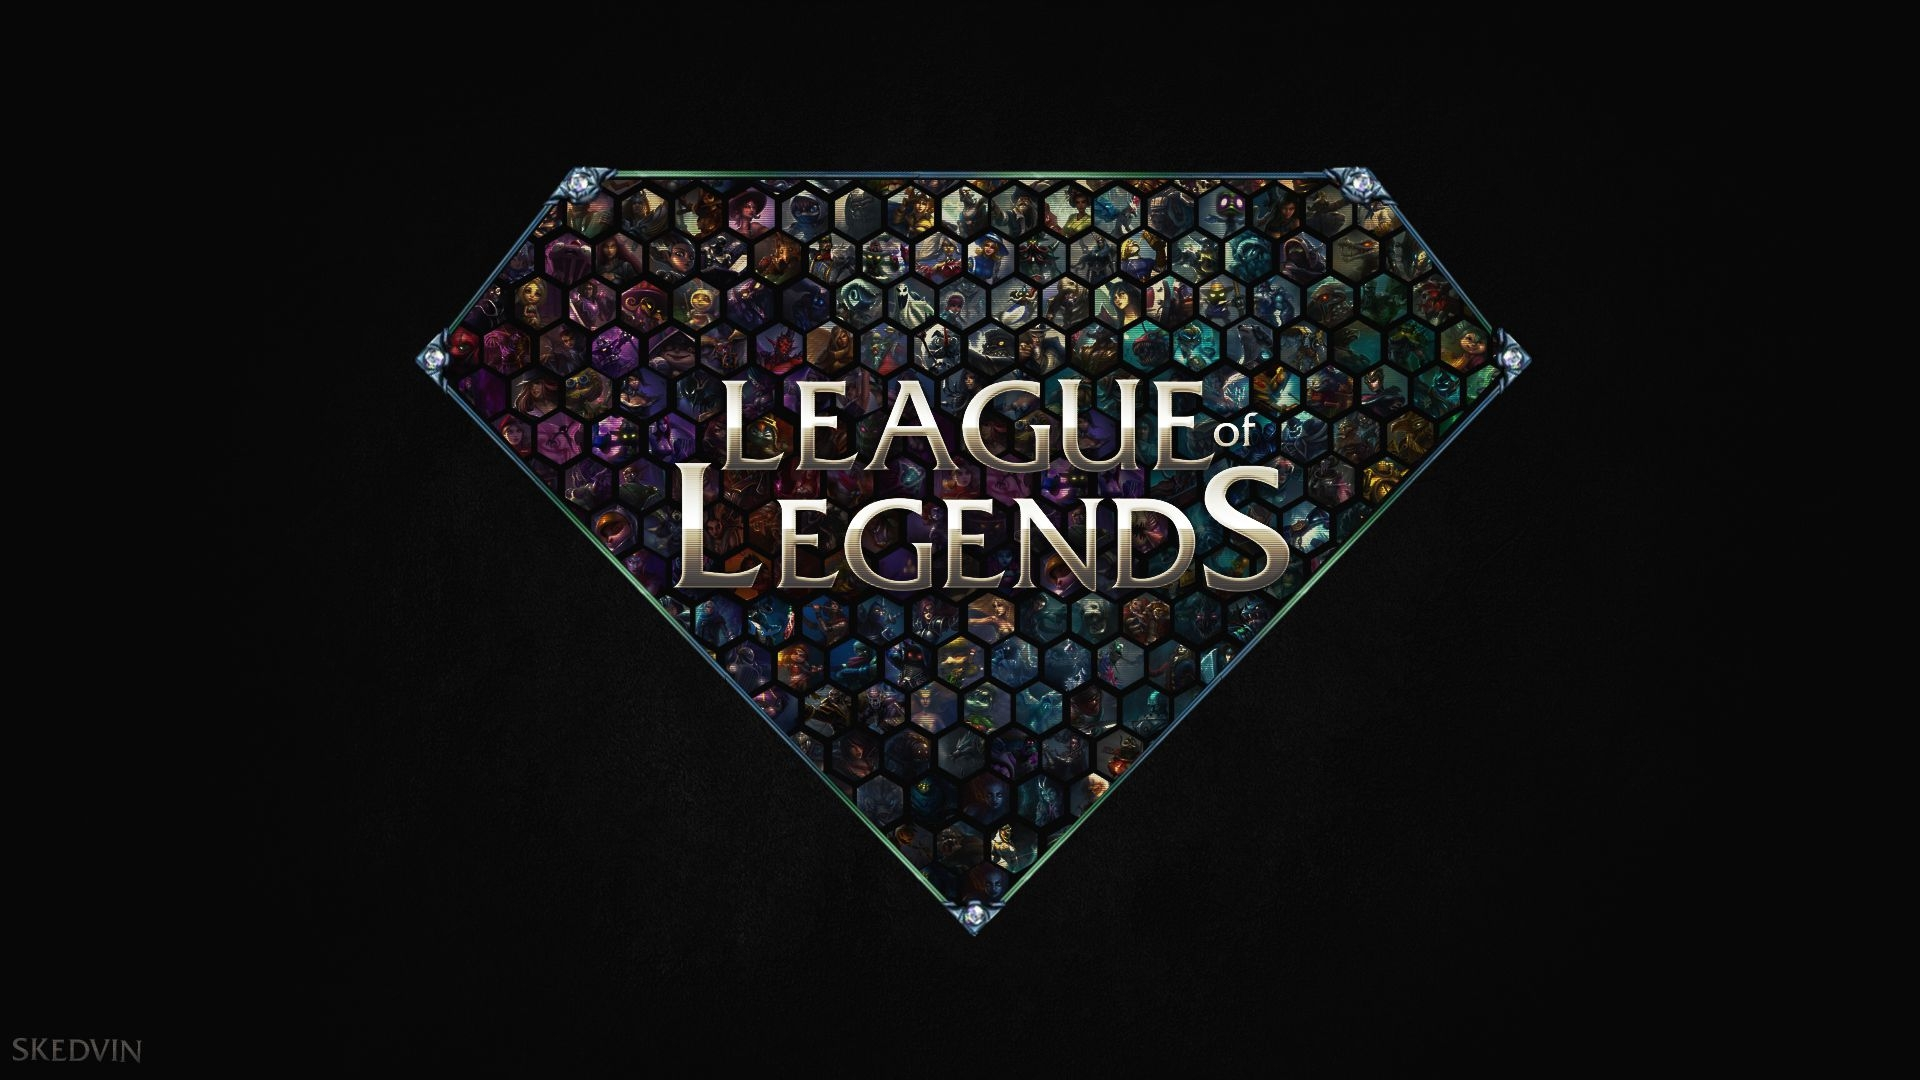 Bộ hình nền League of Legends (Liên minh huyền thoại) chất lượng cao